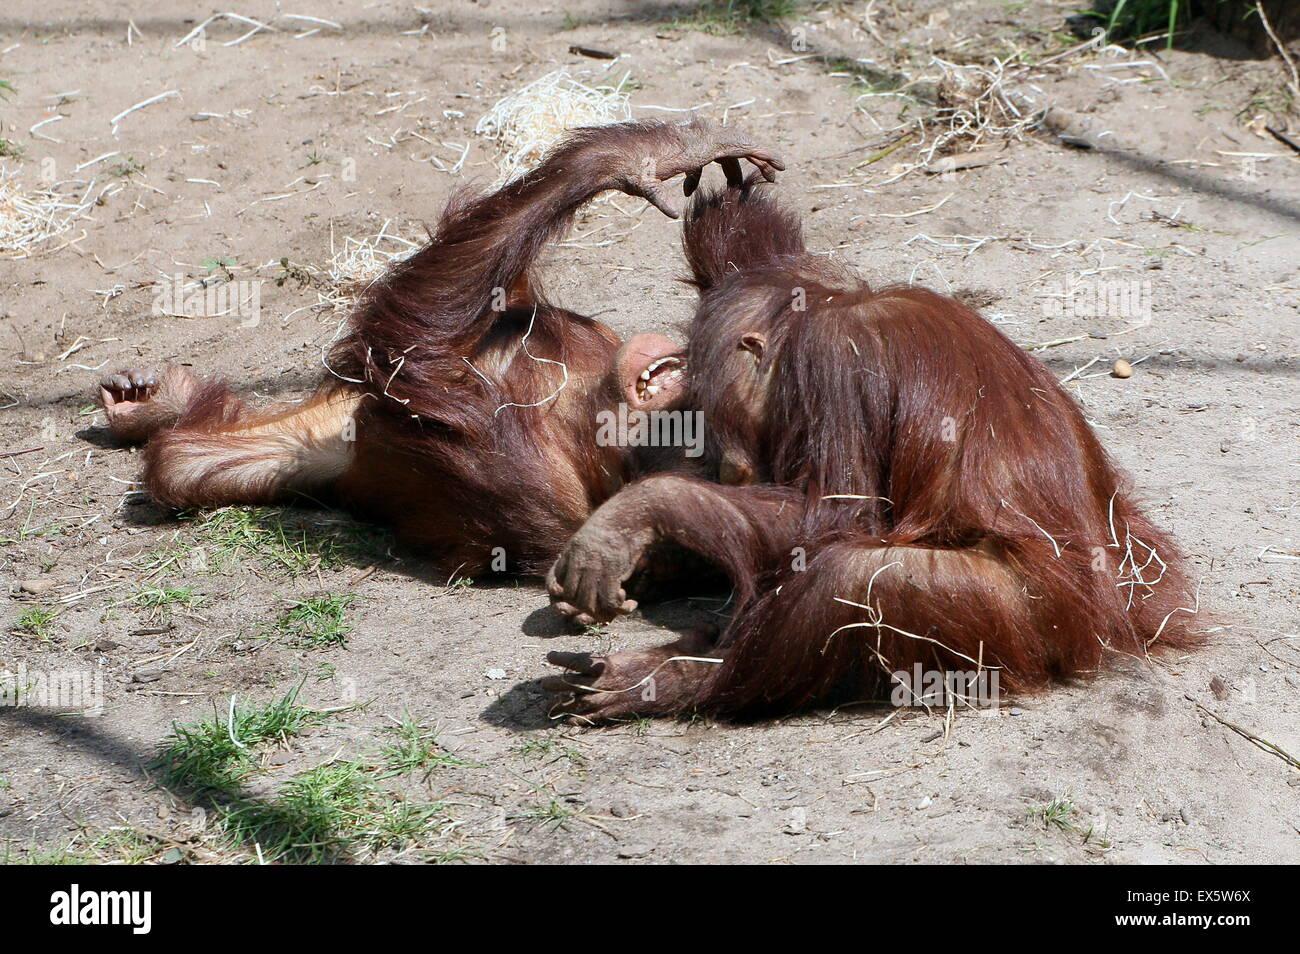 Zwei junge männliche Bornean Orang-Utans (Pongo Pygmaeus) Ringen miteinander Stockfoto